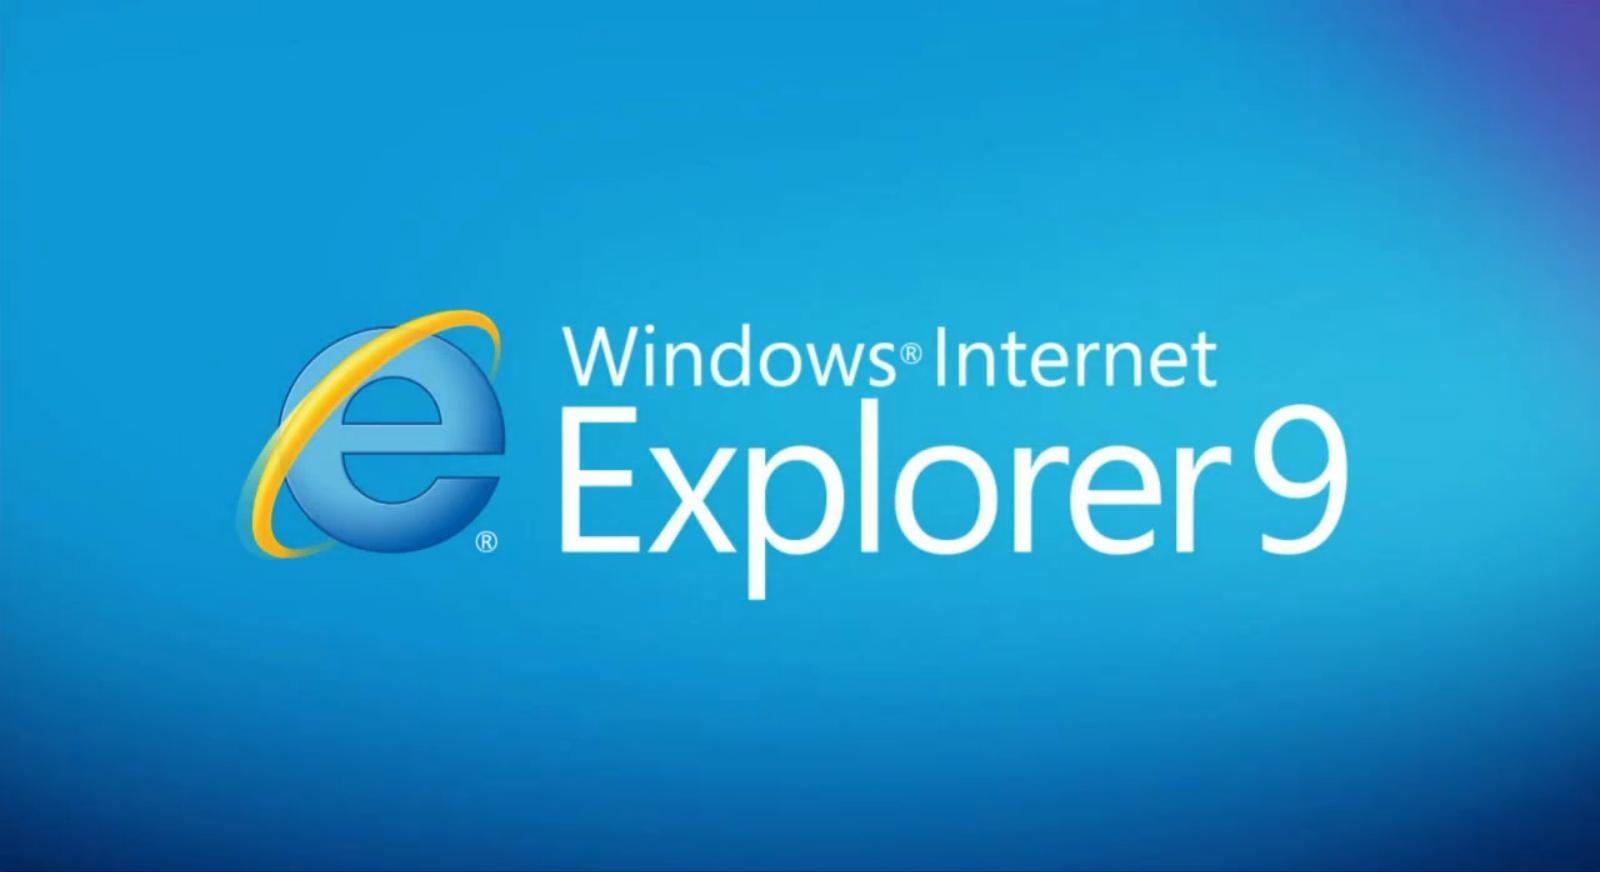 http://4.bp.blogspot.com/-Fu7vmZxlN6E/UPpPk2FjLkI/AAAAAAAAGvc/FRgiGOod7Ng/s1600/03-Internet-Explorer-9-Wallpaper.jpg